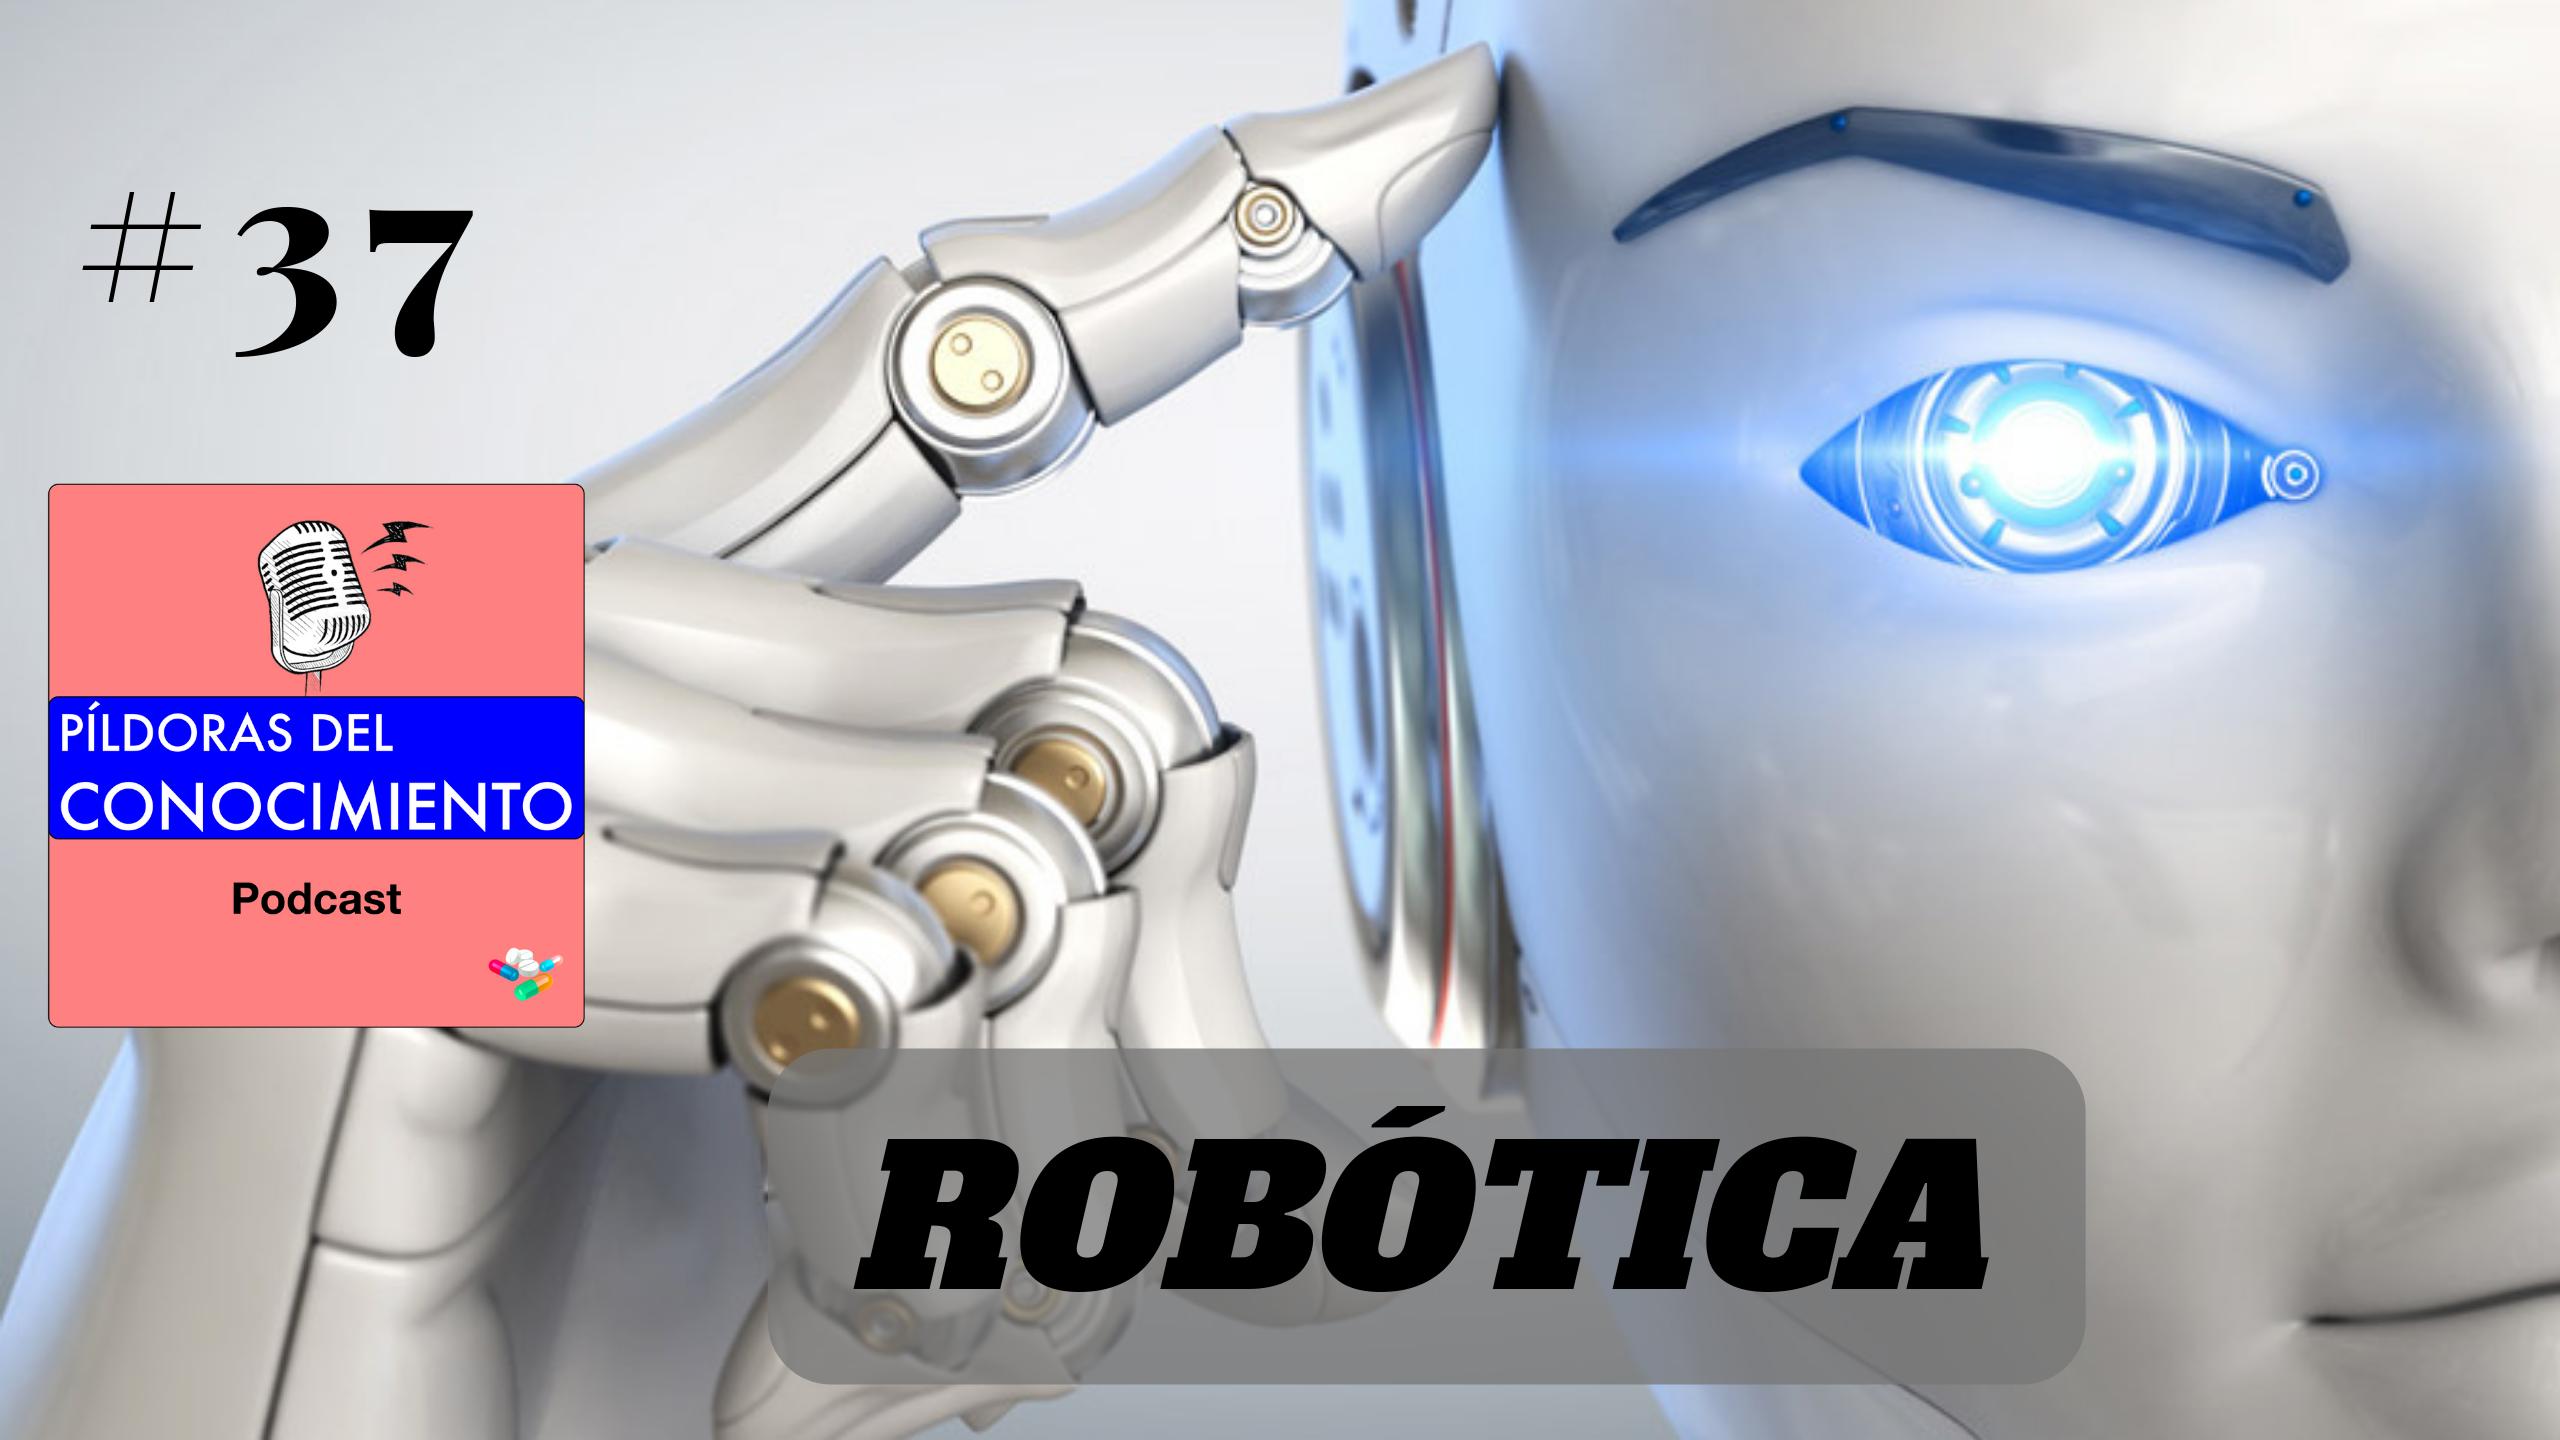 37. Robótica con Pablo Lanillos